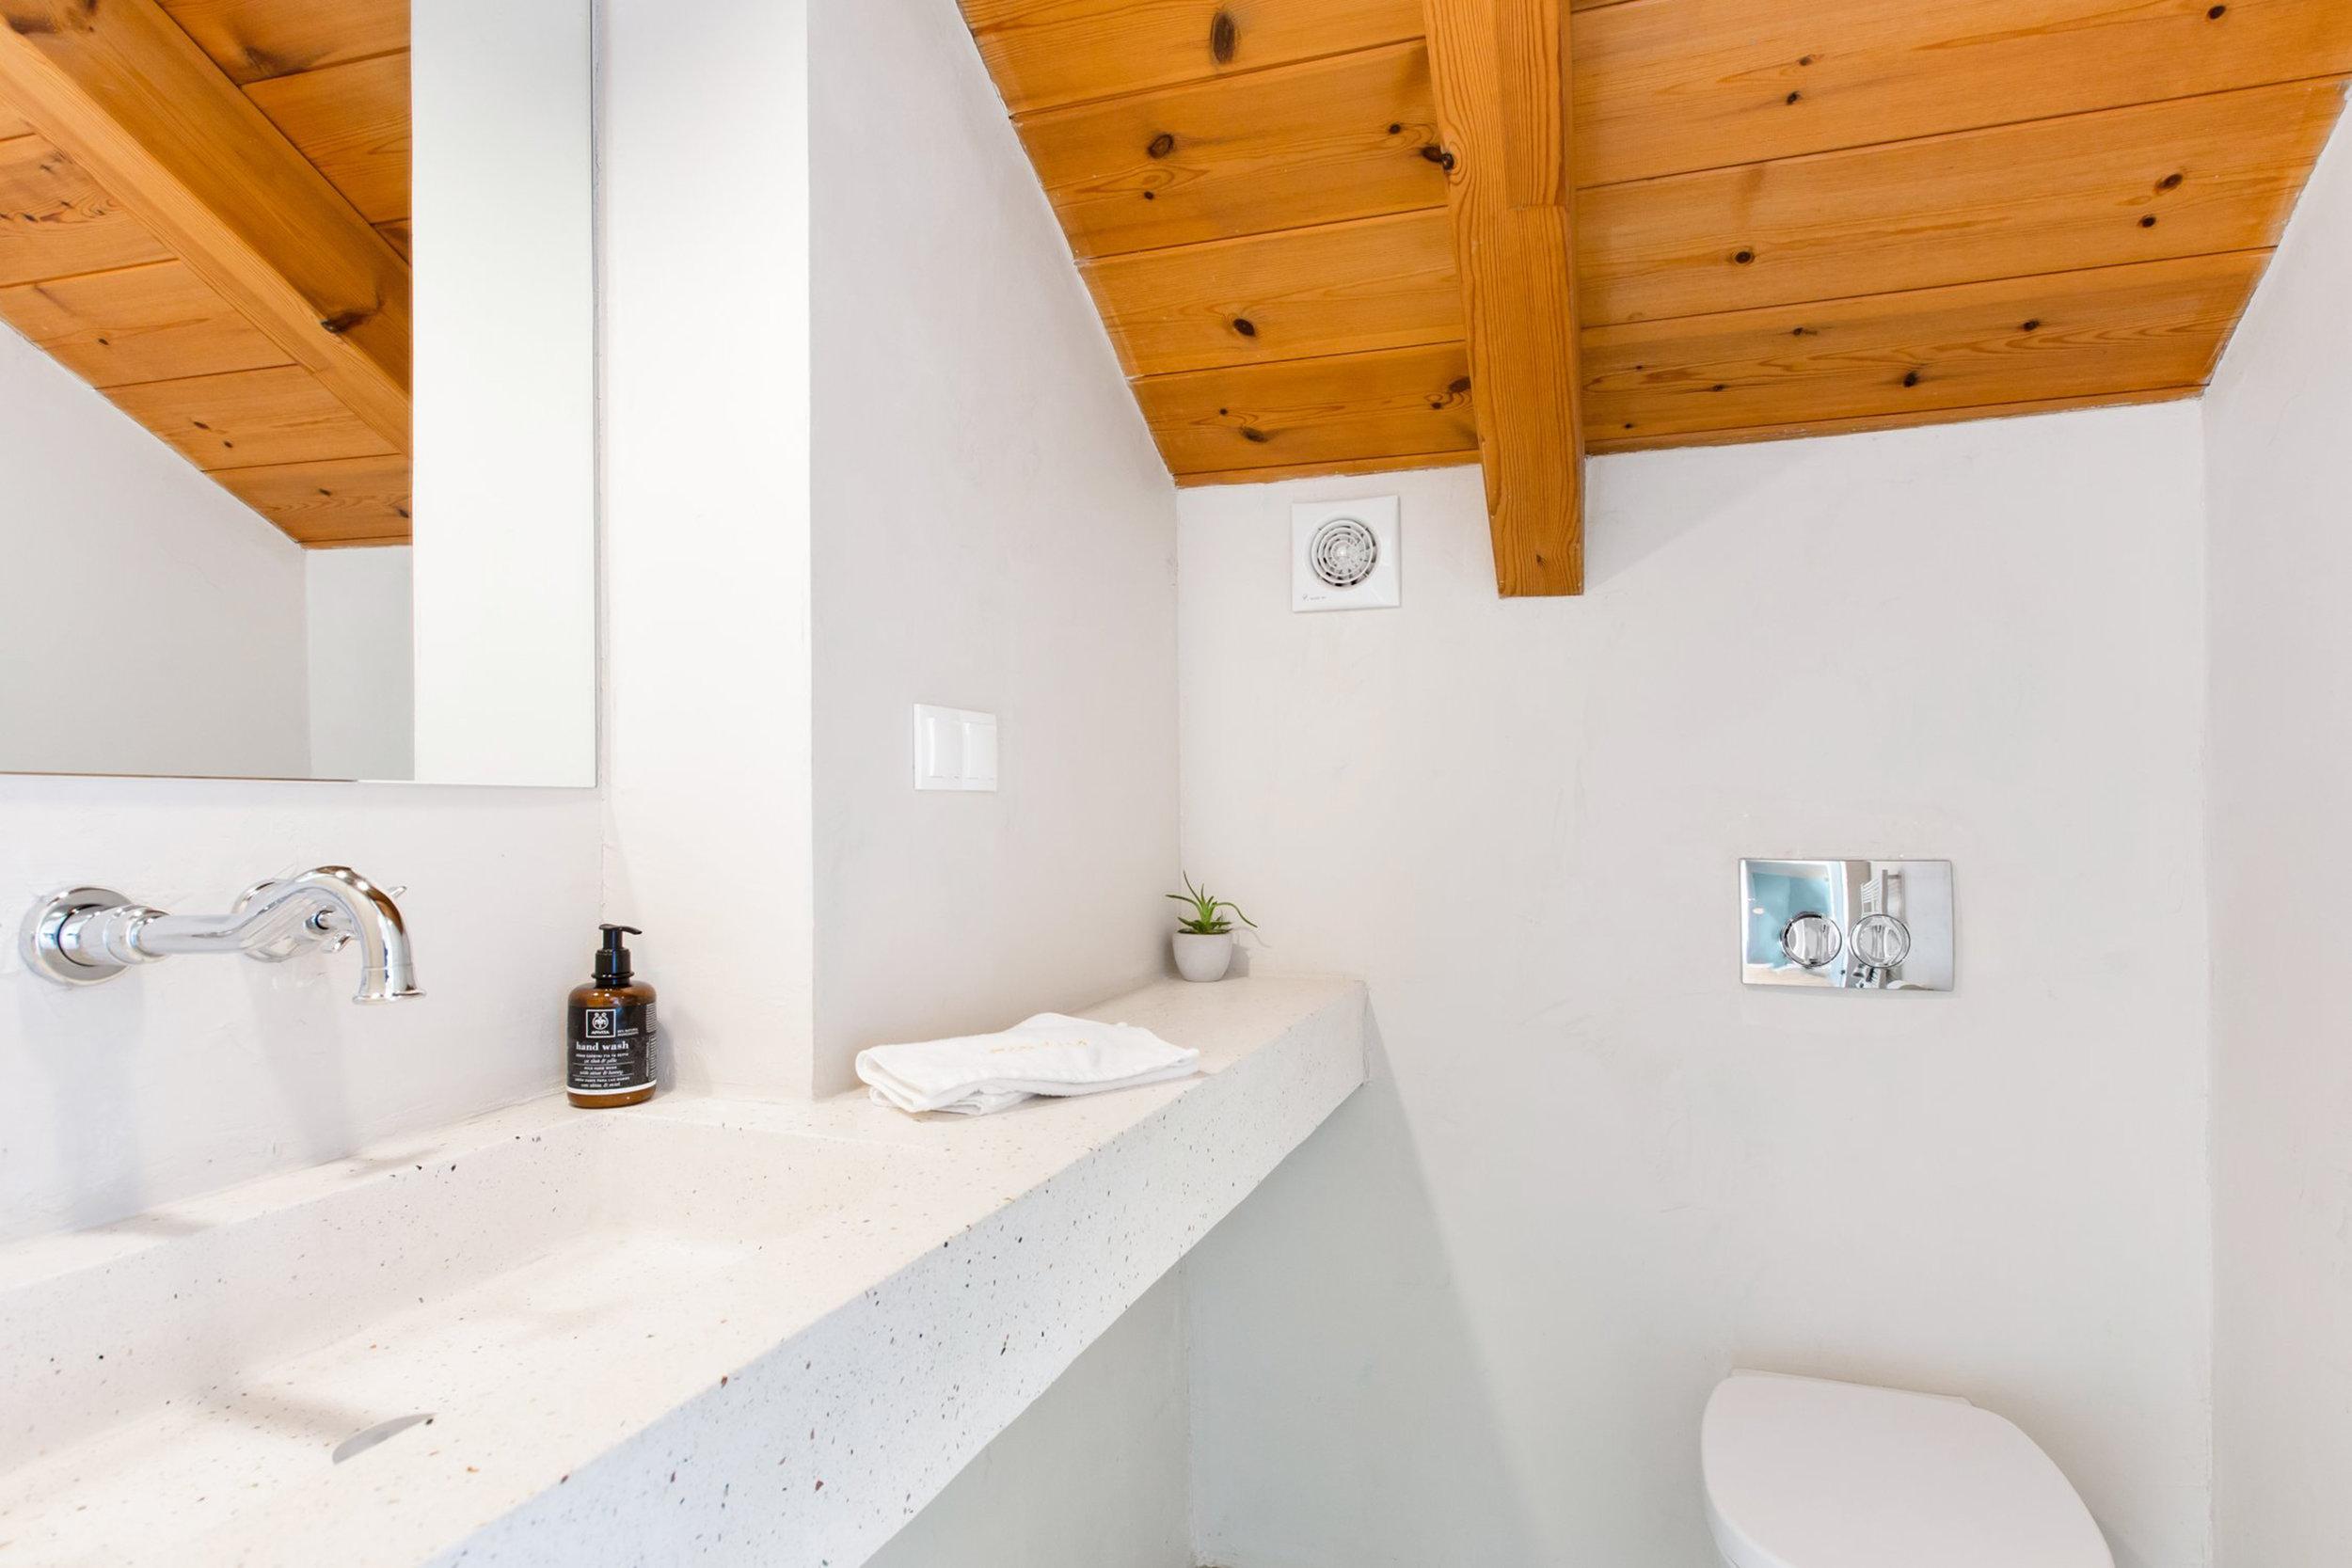 top floor toilet 1.jpg